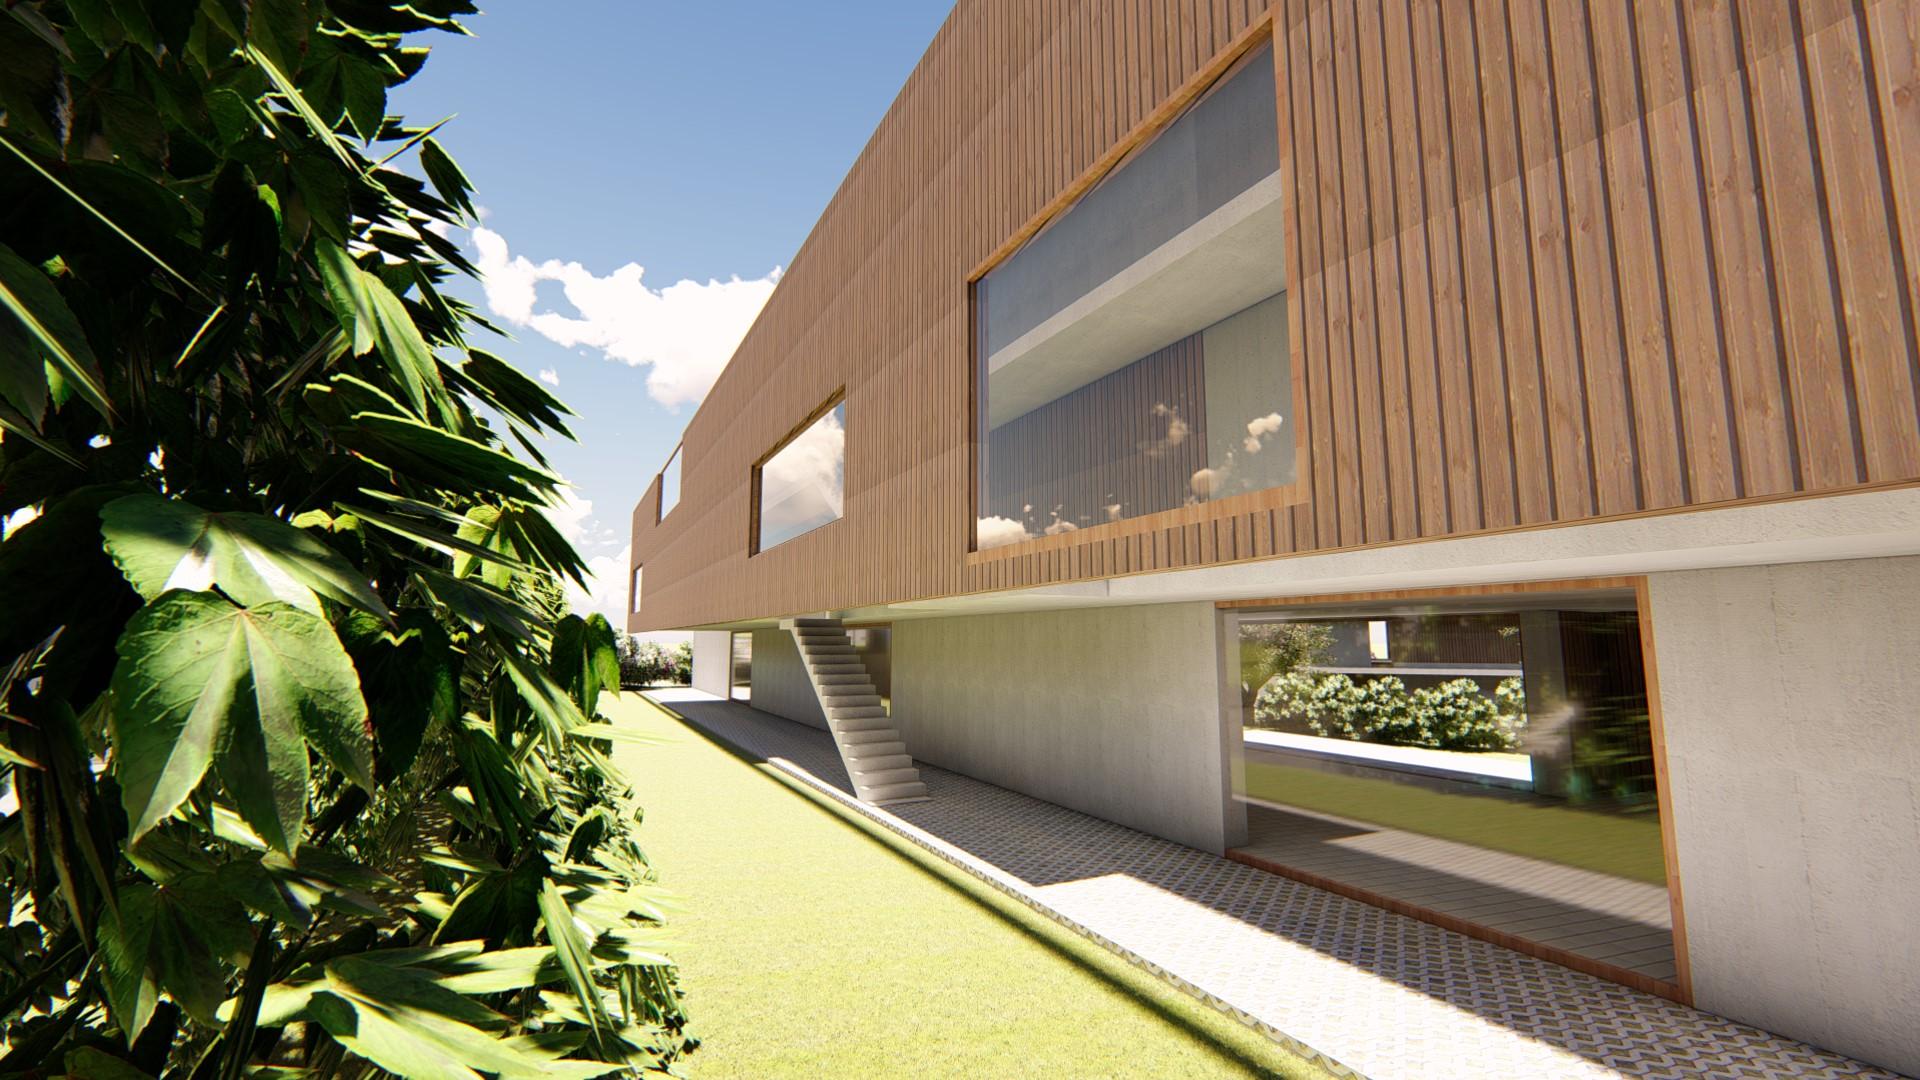 Wettbewerb Wohnbebauung Gießen 3